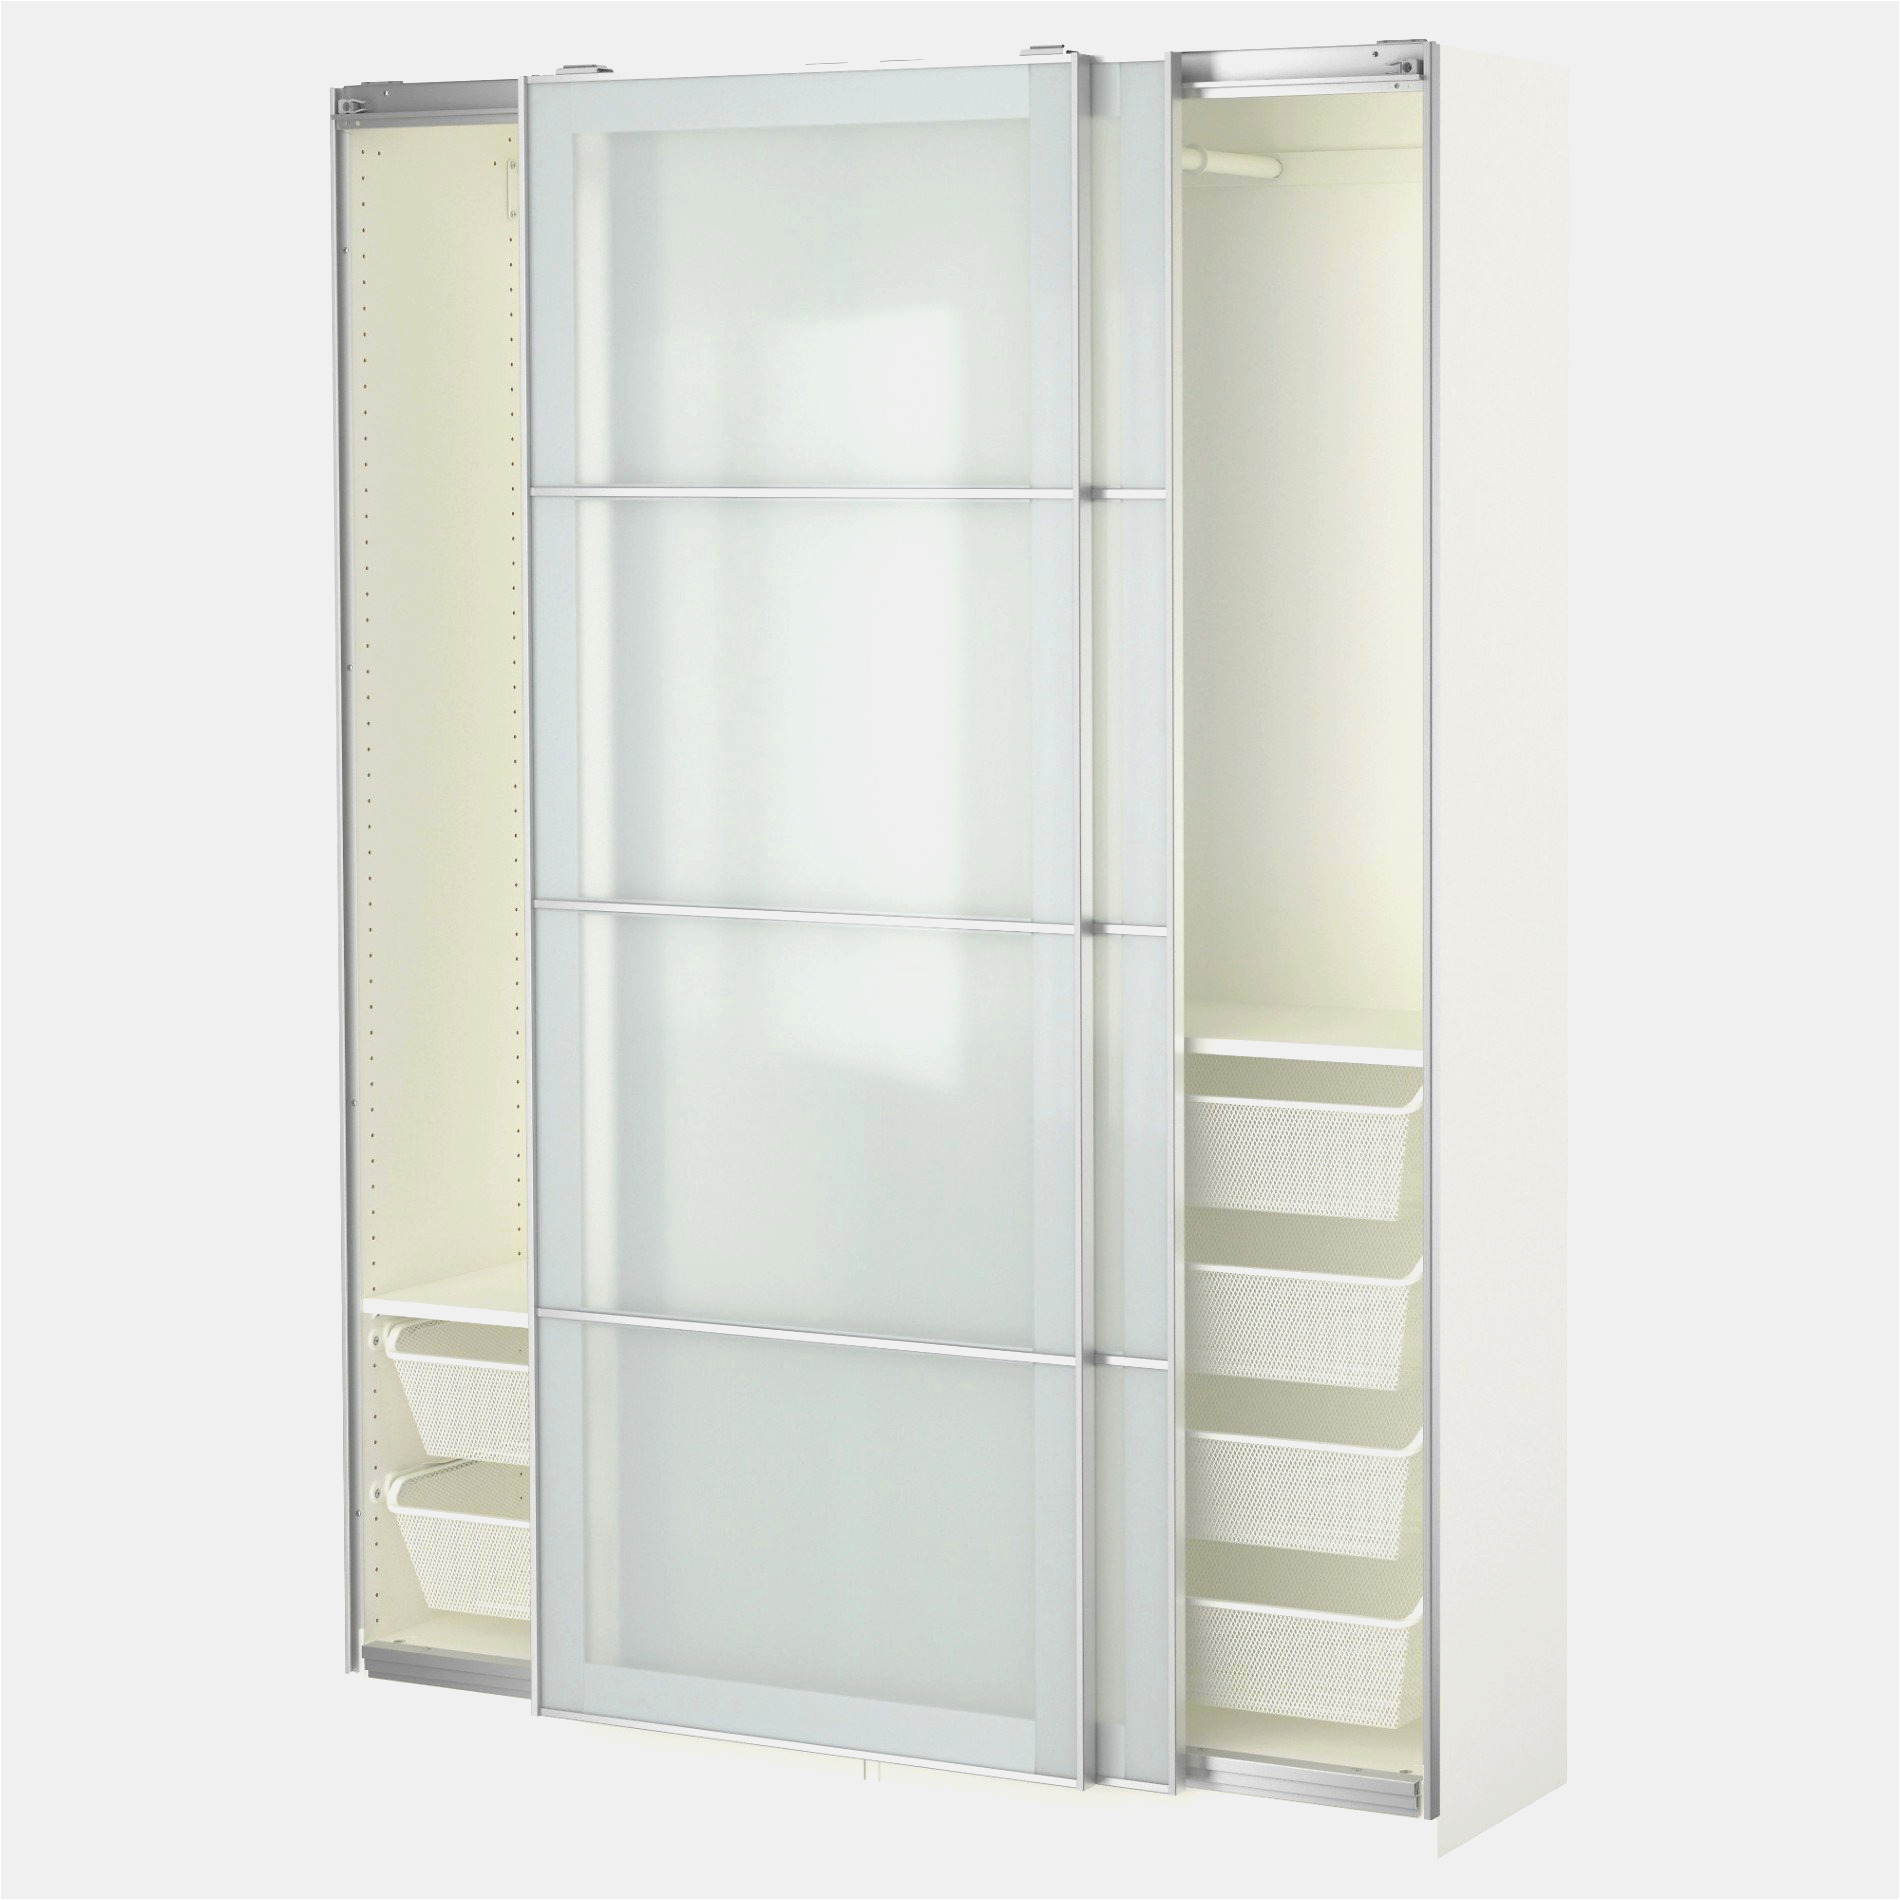 Badezimmerschrank Glas Spiegel Für Badezimmer Aukin